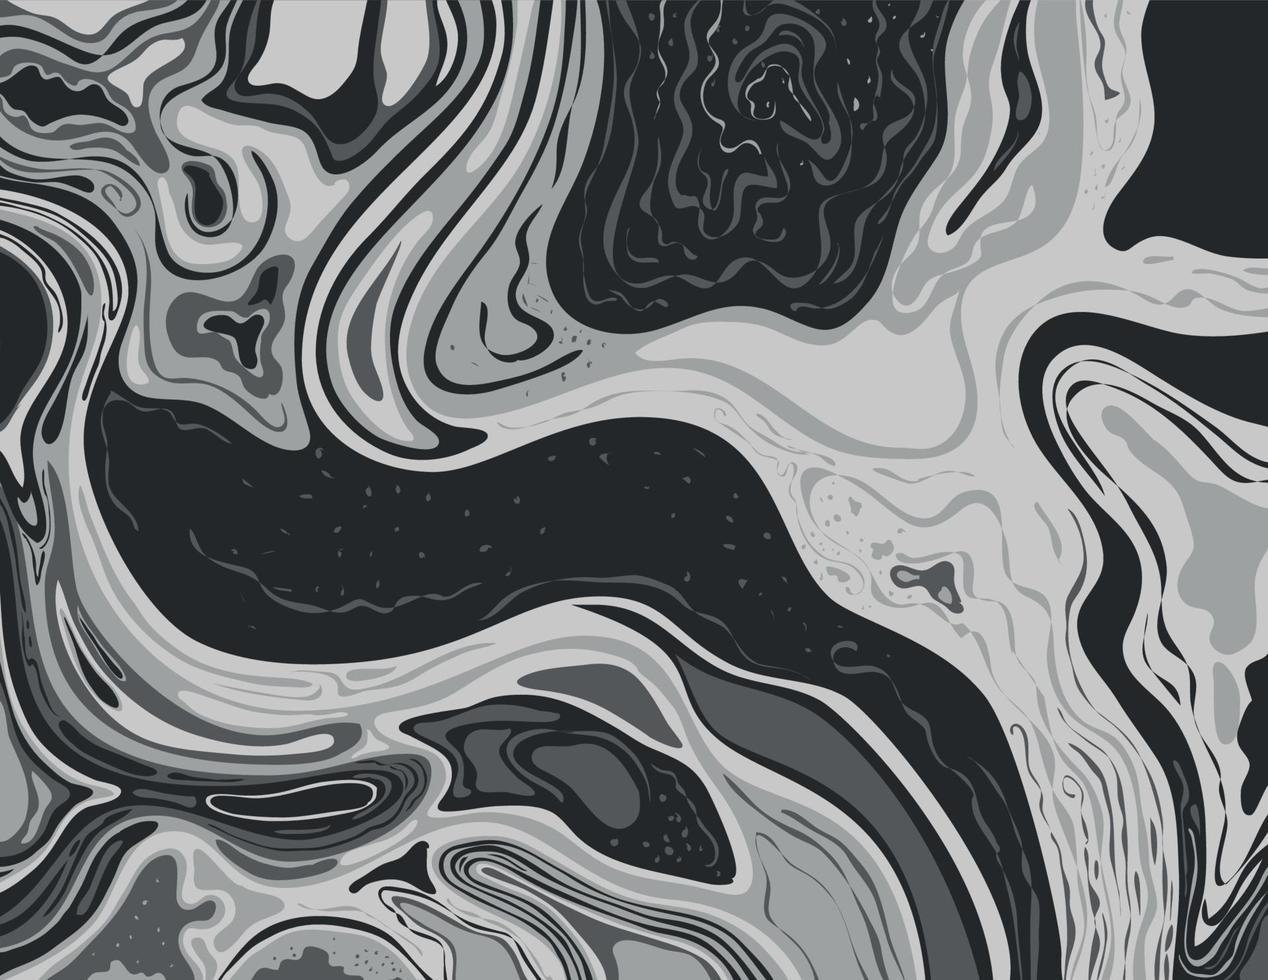 in scala di grigi e in bianco e nero inkscape suminagashi kintsugi carta marmorizzata inchiostro giapponese arte vettore